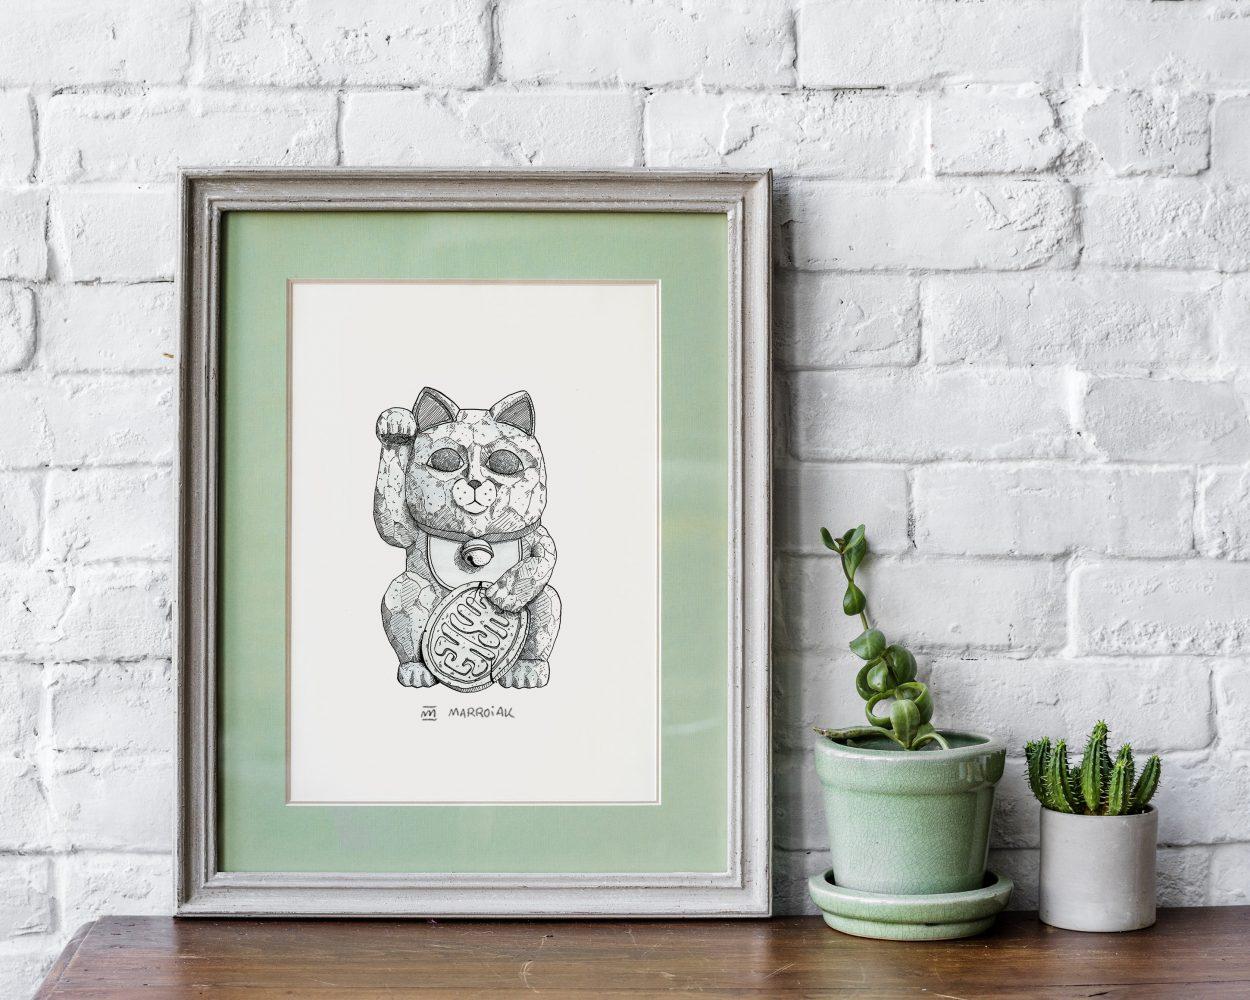 Lámina con una ilustración del gato de la suerte japonés también conocido como maneki neko. Tinta sobre papel. Decoración. Diseño de interiores.